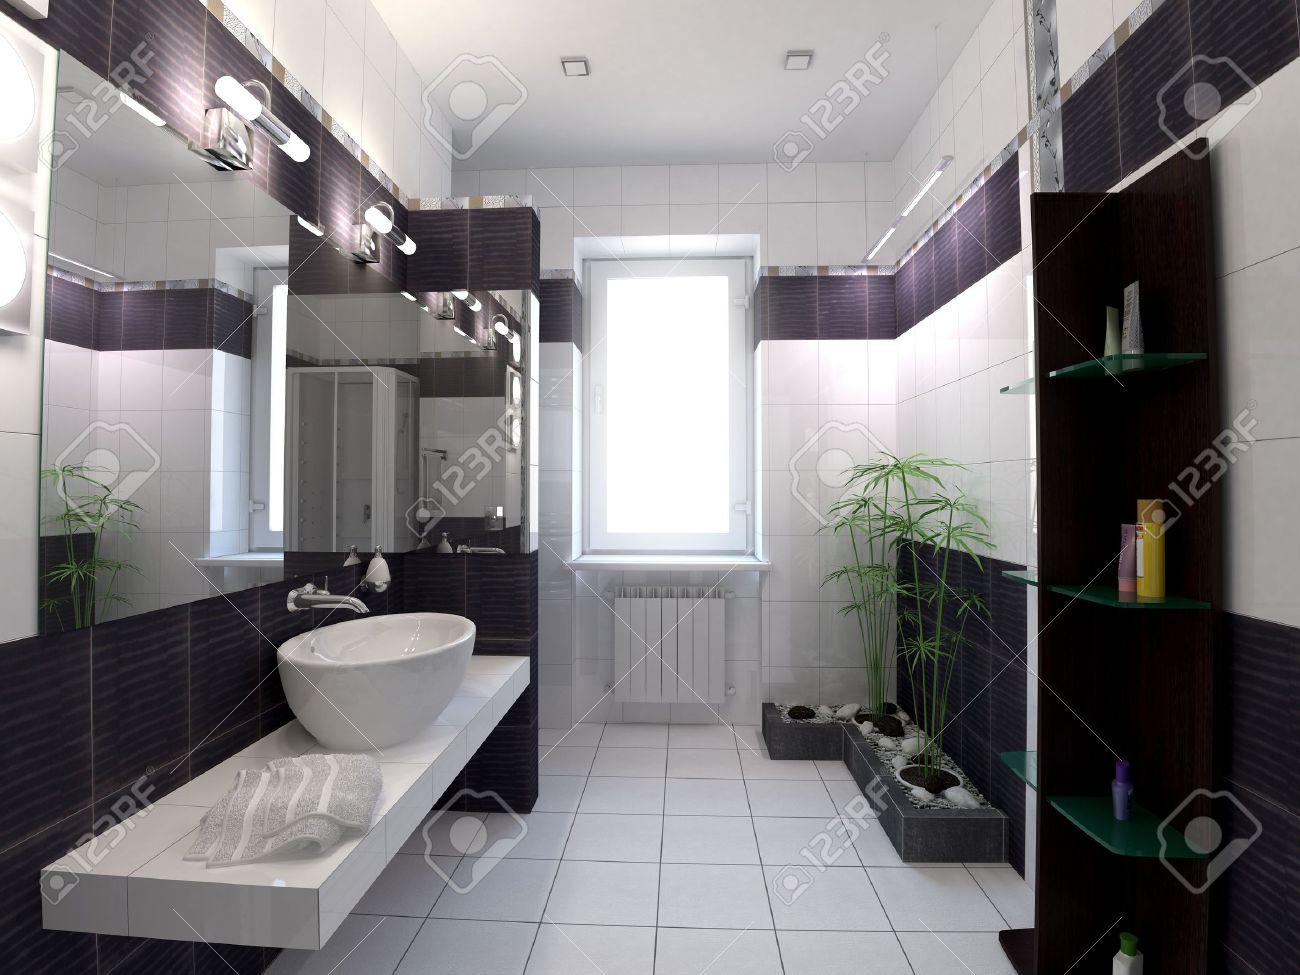 Salle De Bains Style Hammam ~ salle de bain style zen murale dans une salle de bain au style zen